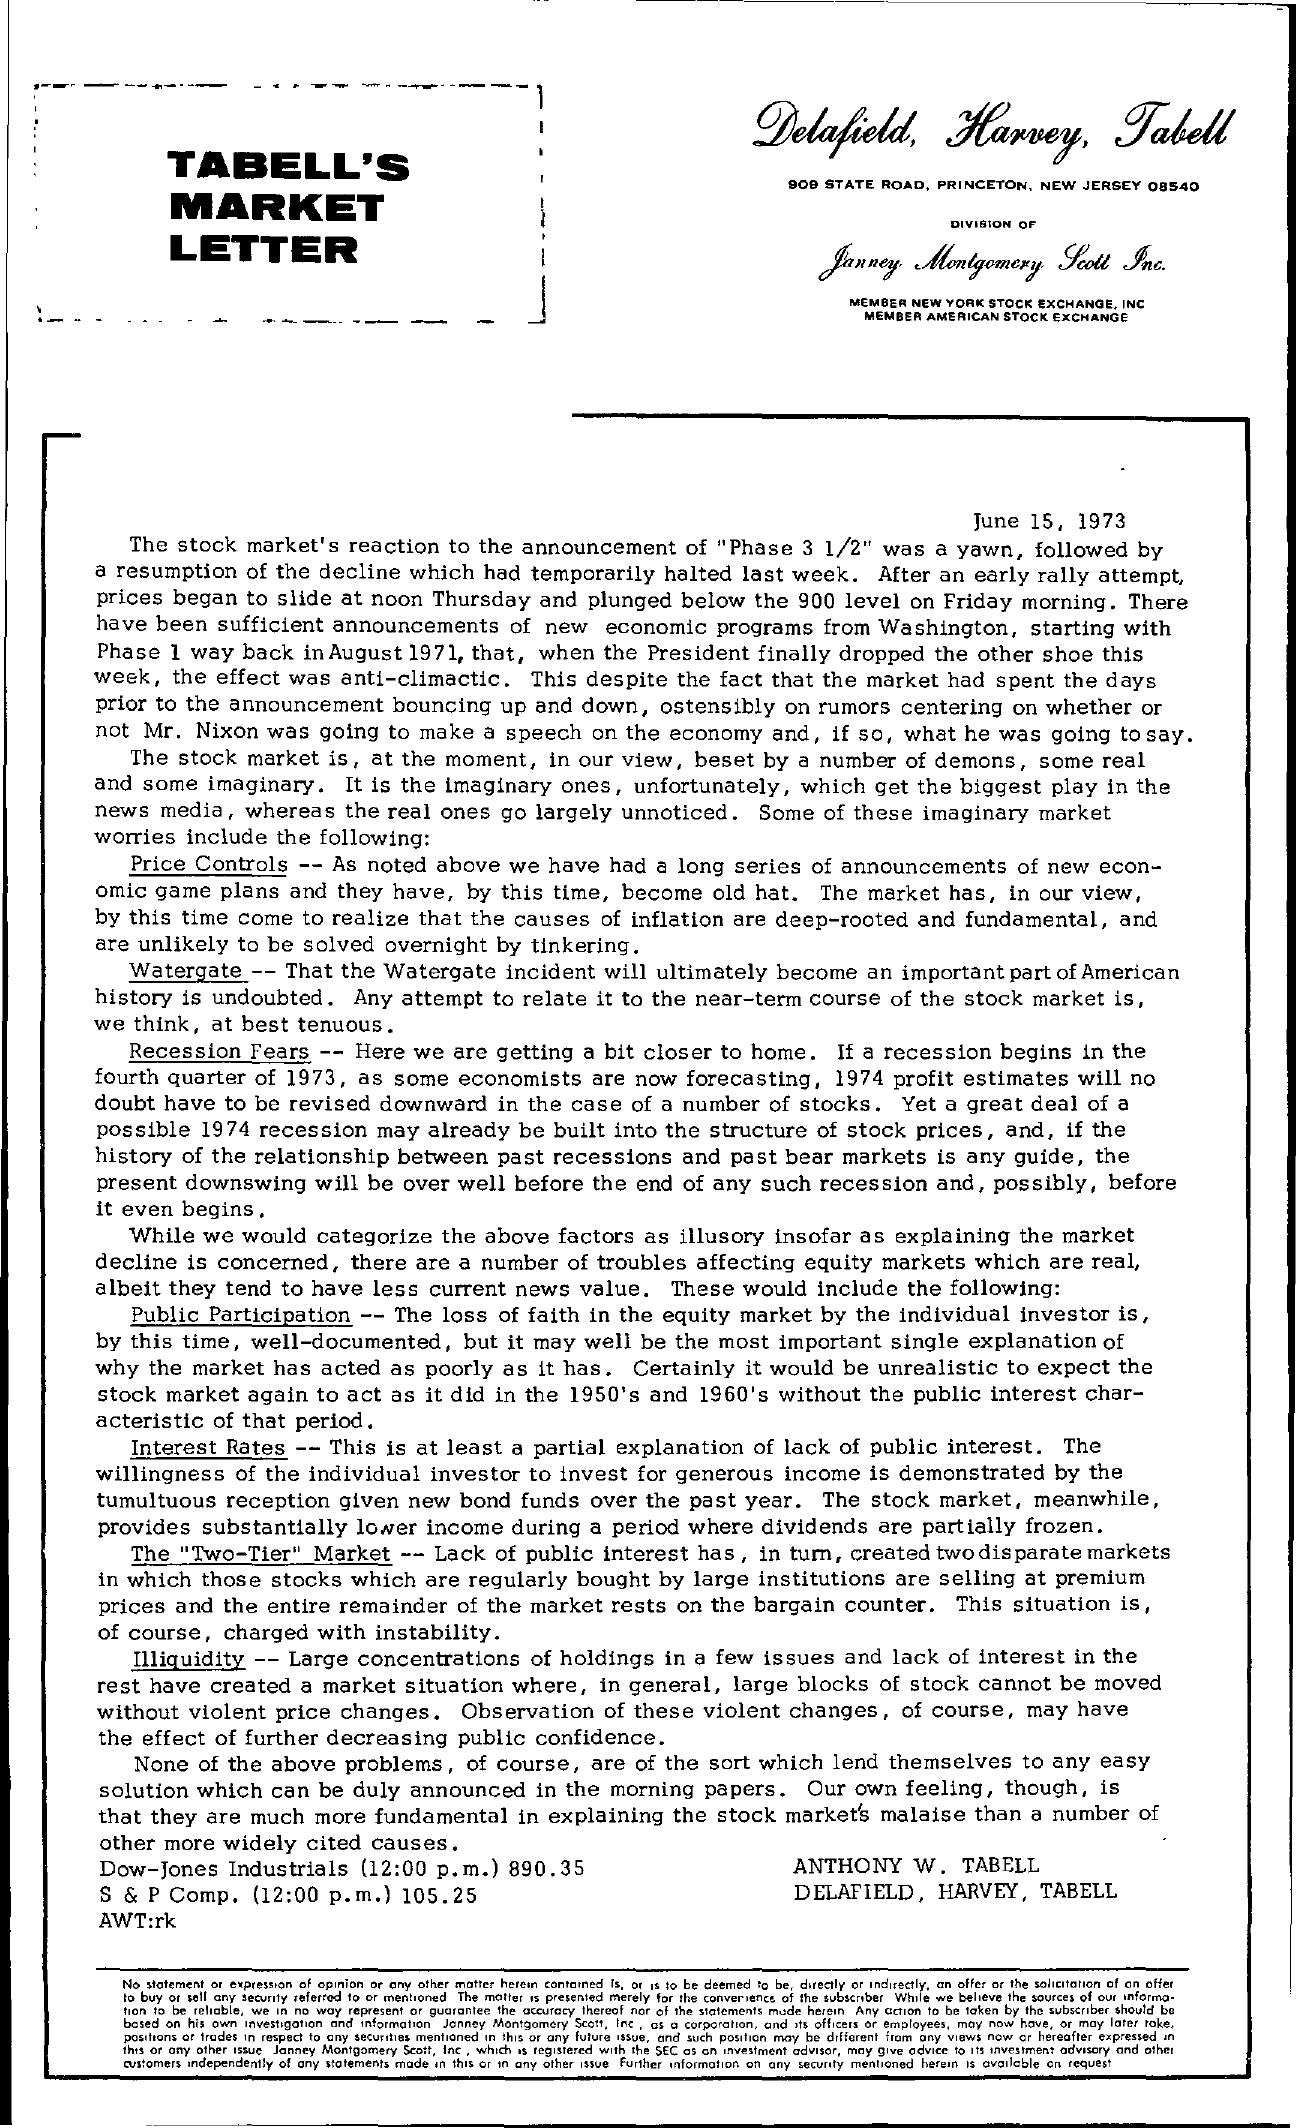 Tabell's Market Letter - June 15, 1973